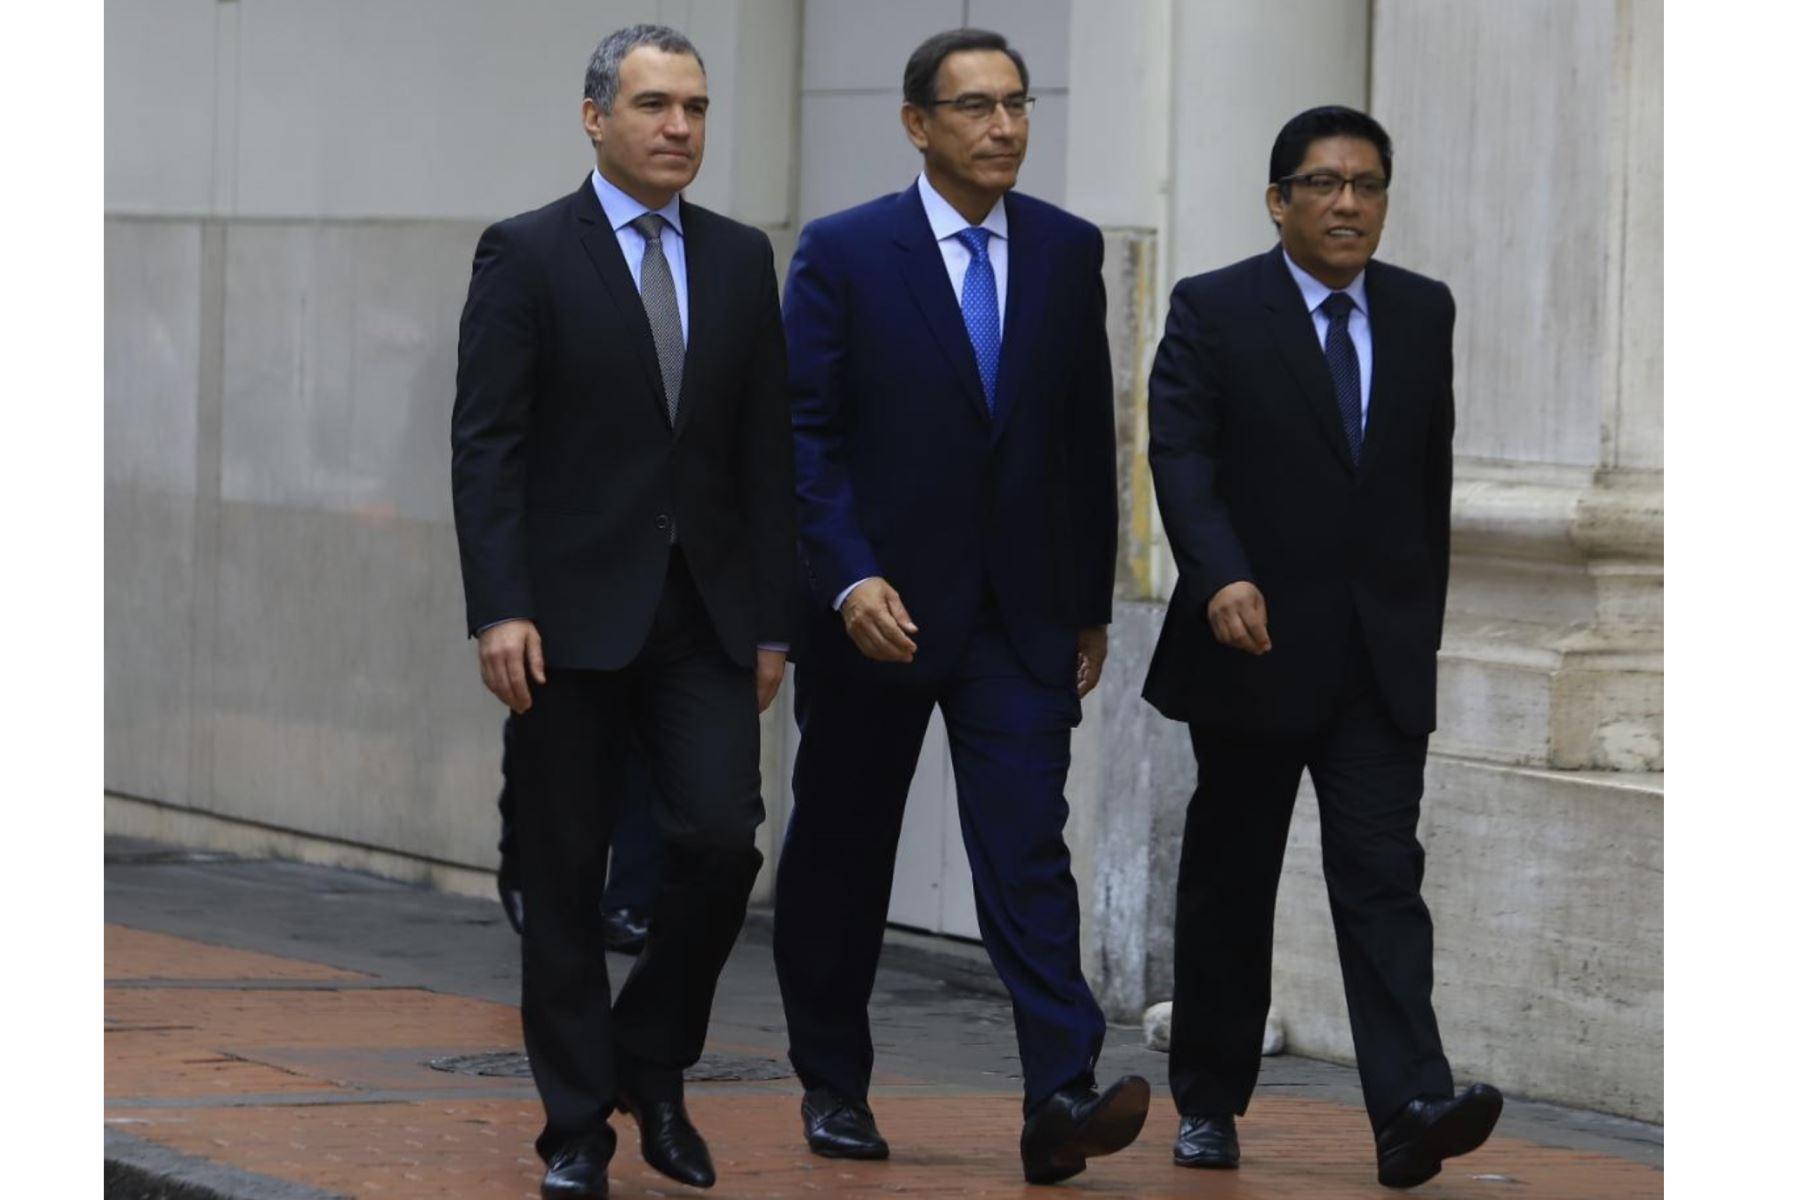 El presidente Vizcarra acompañado del premier Salvador del Solar y del ministro de Justicia, Vicente Zeballos, se dirigen al Congreso de la República. Foto: ANDINA/Prensa Presidencia